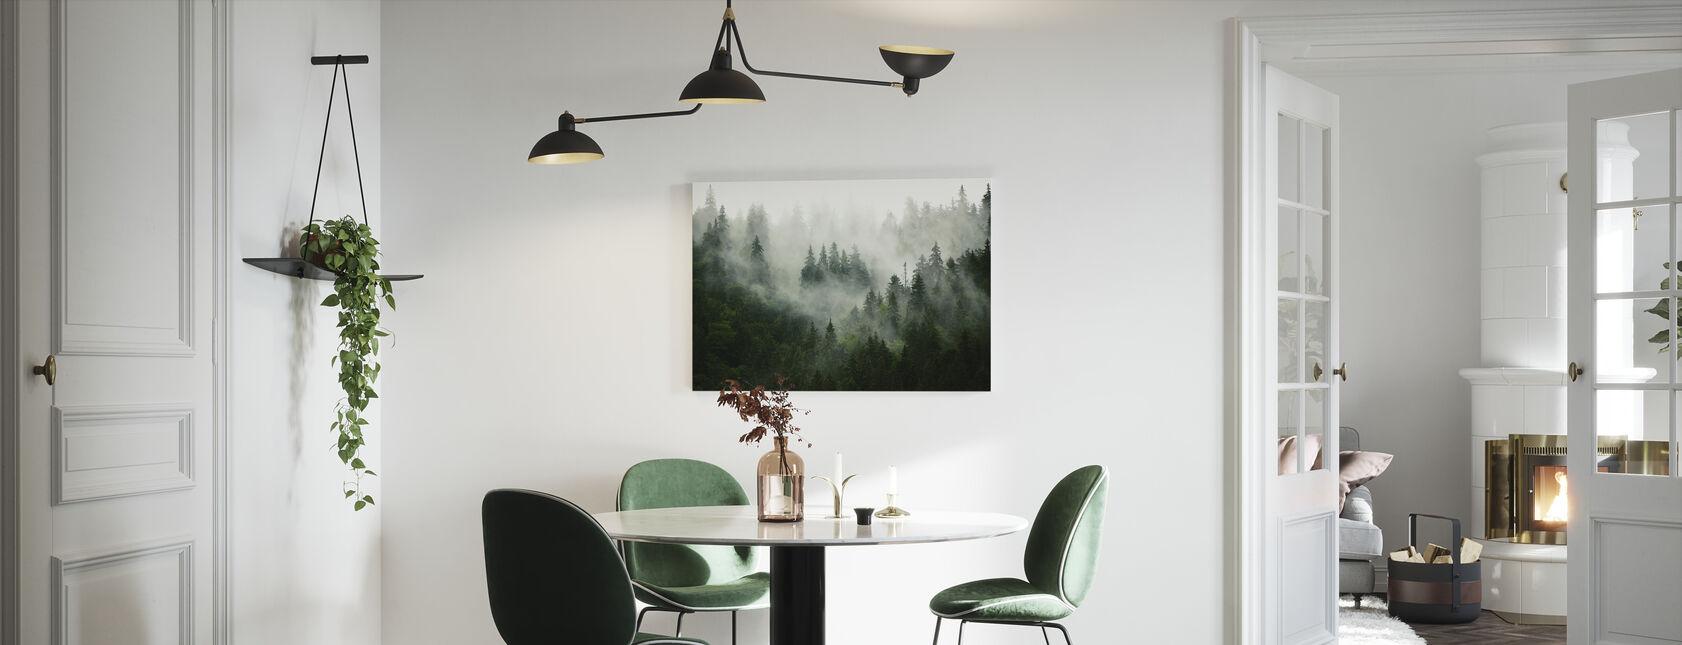 Sumuinen metsä - Canvastaulu - Keittiö